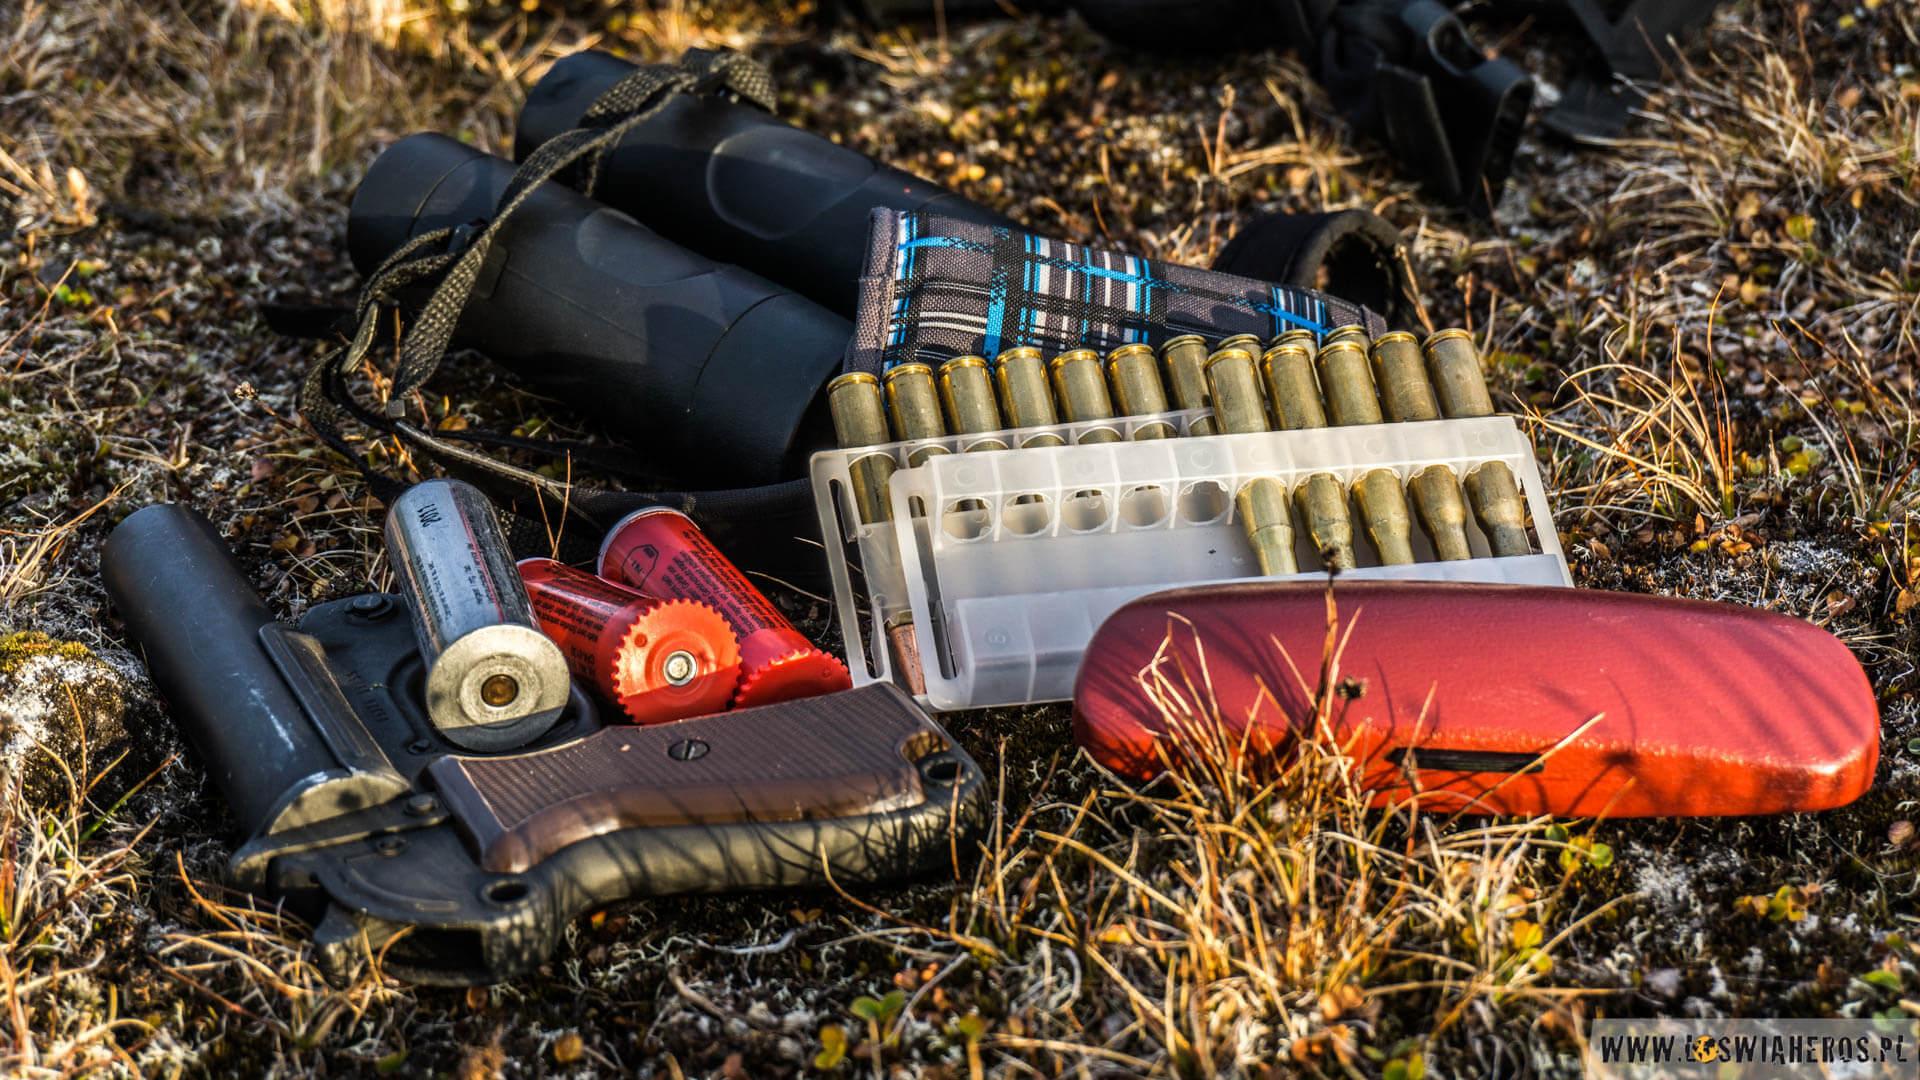 Pistolet sygnałowy oraz biały nabój hukowy. Czerwony to flara sygnałowa. Po prawo naboje do Mausera.